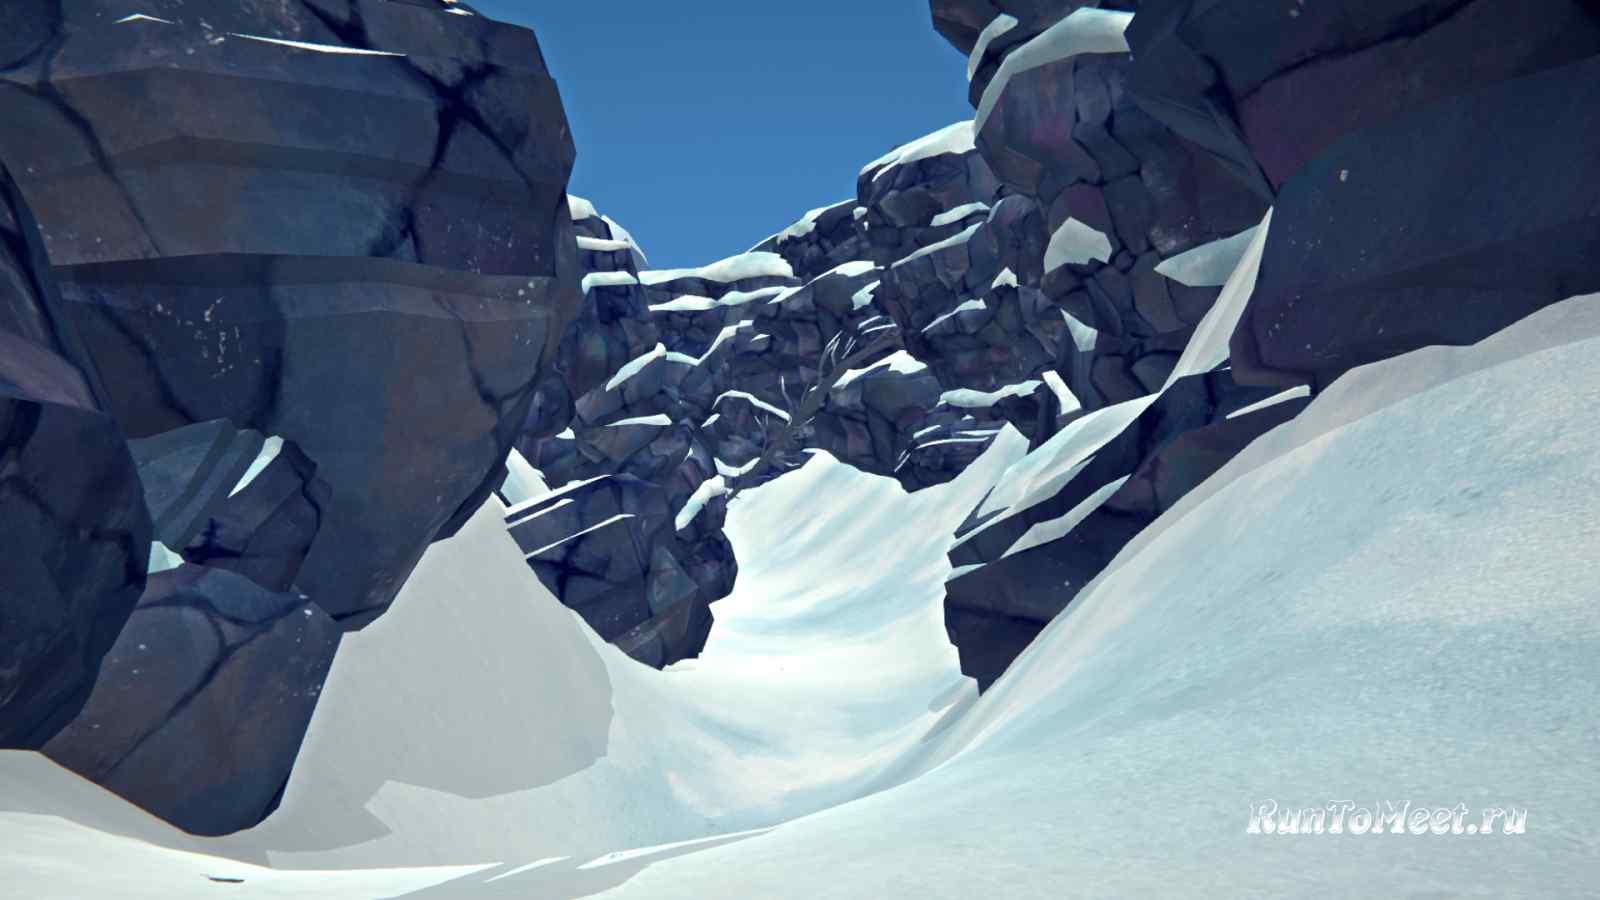 Переход с Волчьей горы в сторону Отрадной долины, в игре The long dark